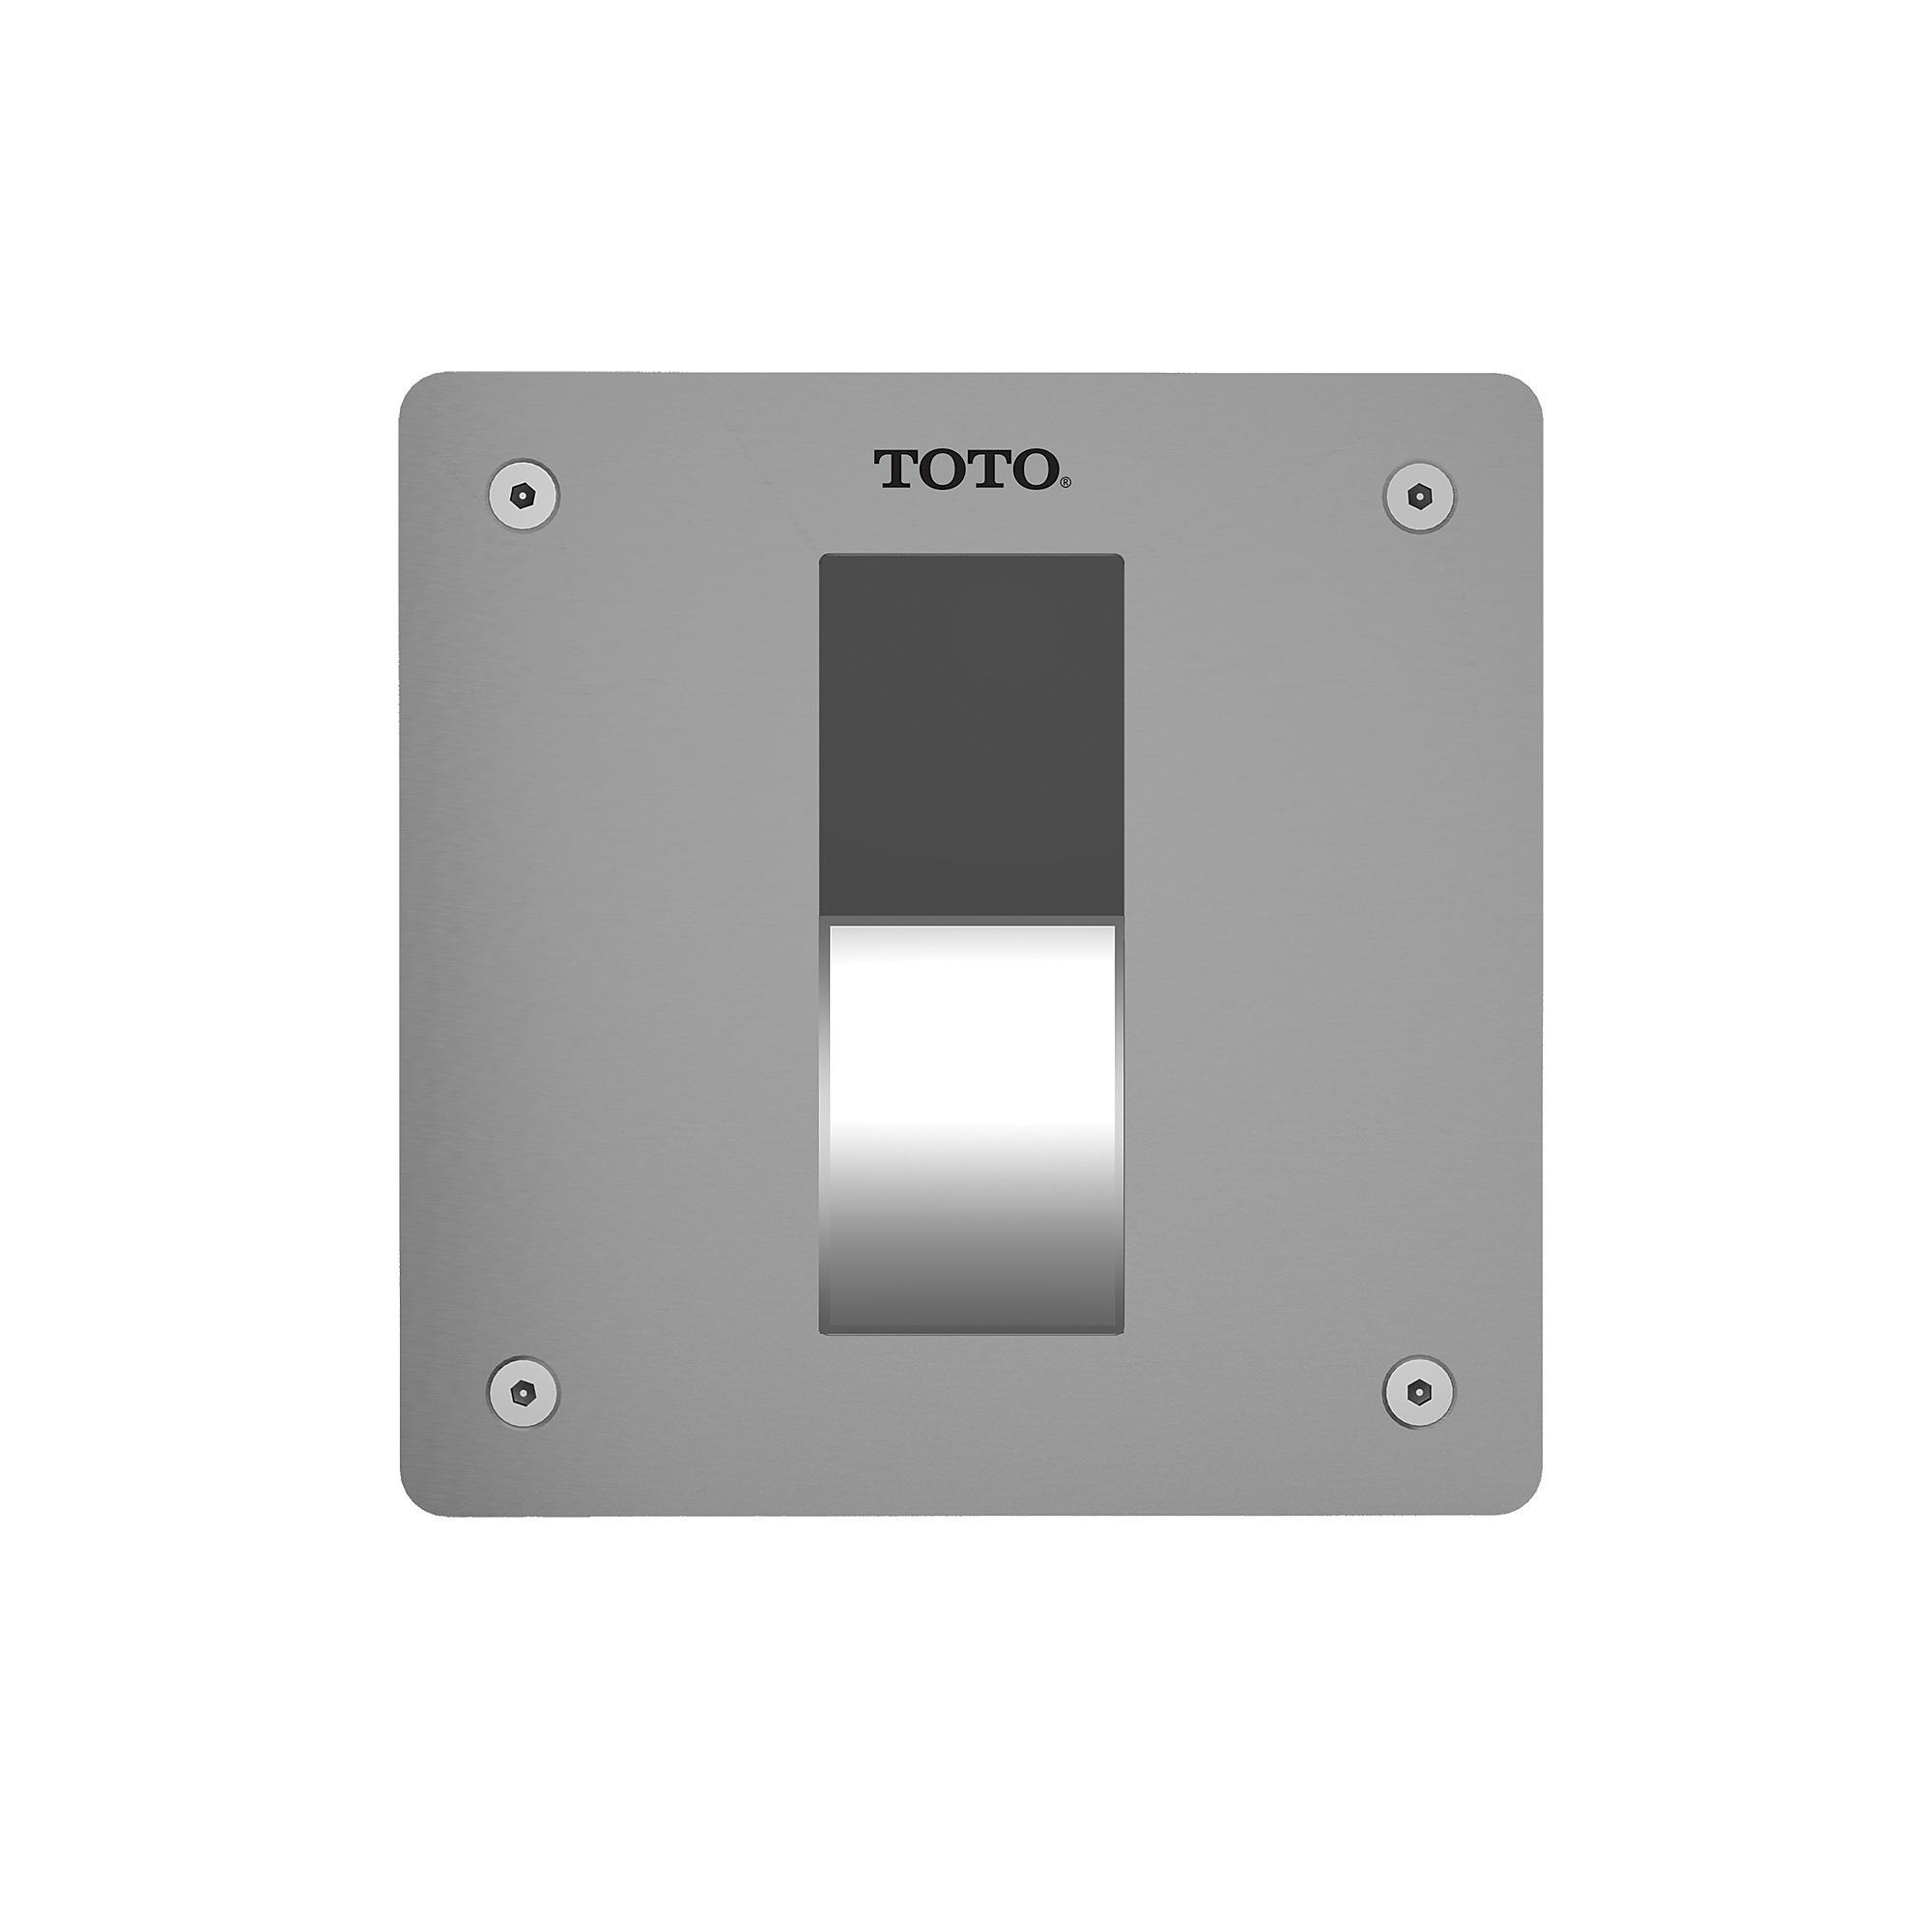 Tet3ga33 ss ecopower  concealed toilet flush valve 4 x4    1 6 gpf  v b  set   back spud floor  0